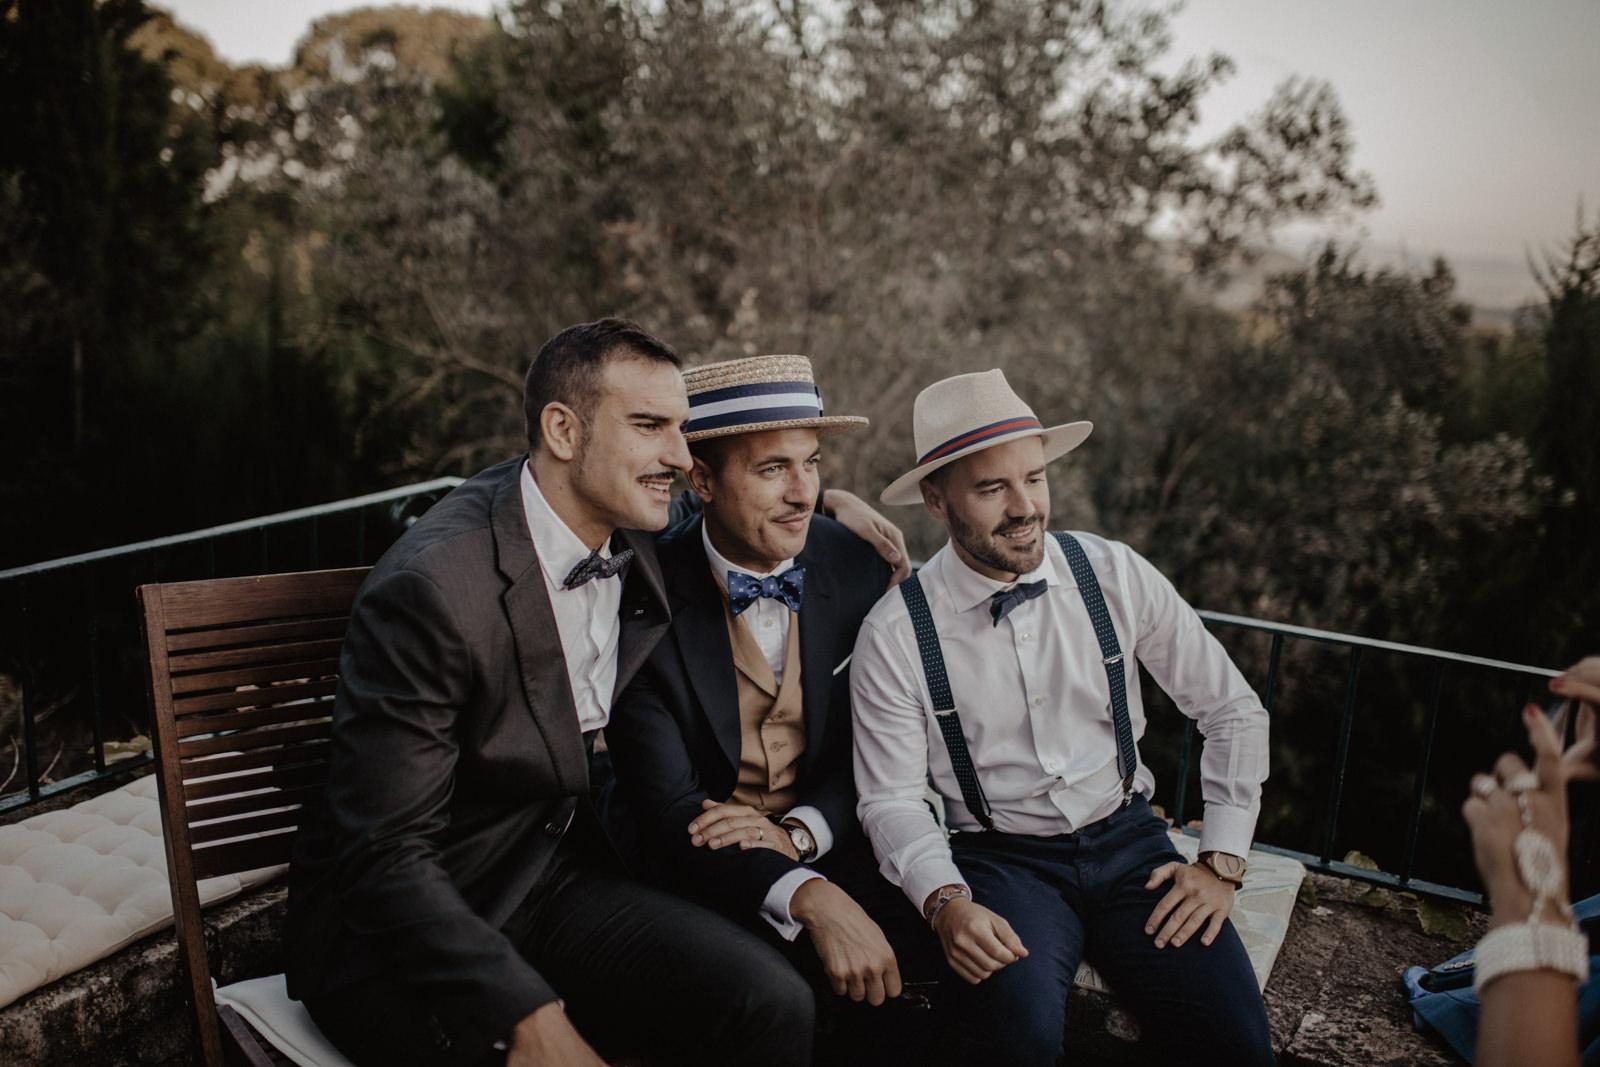 thenortherngirlphotography_photography_thenortherngirl_rebeccascabros_wedding_weddingphotography_weddingphotographer_barcelona_bodaenlabaronia_labaronia_japanesewedding_destinationwedding_shokoalbert-673.jpg